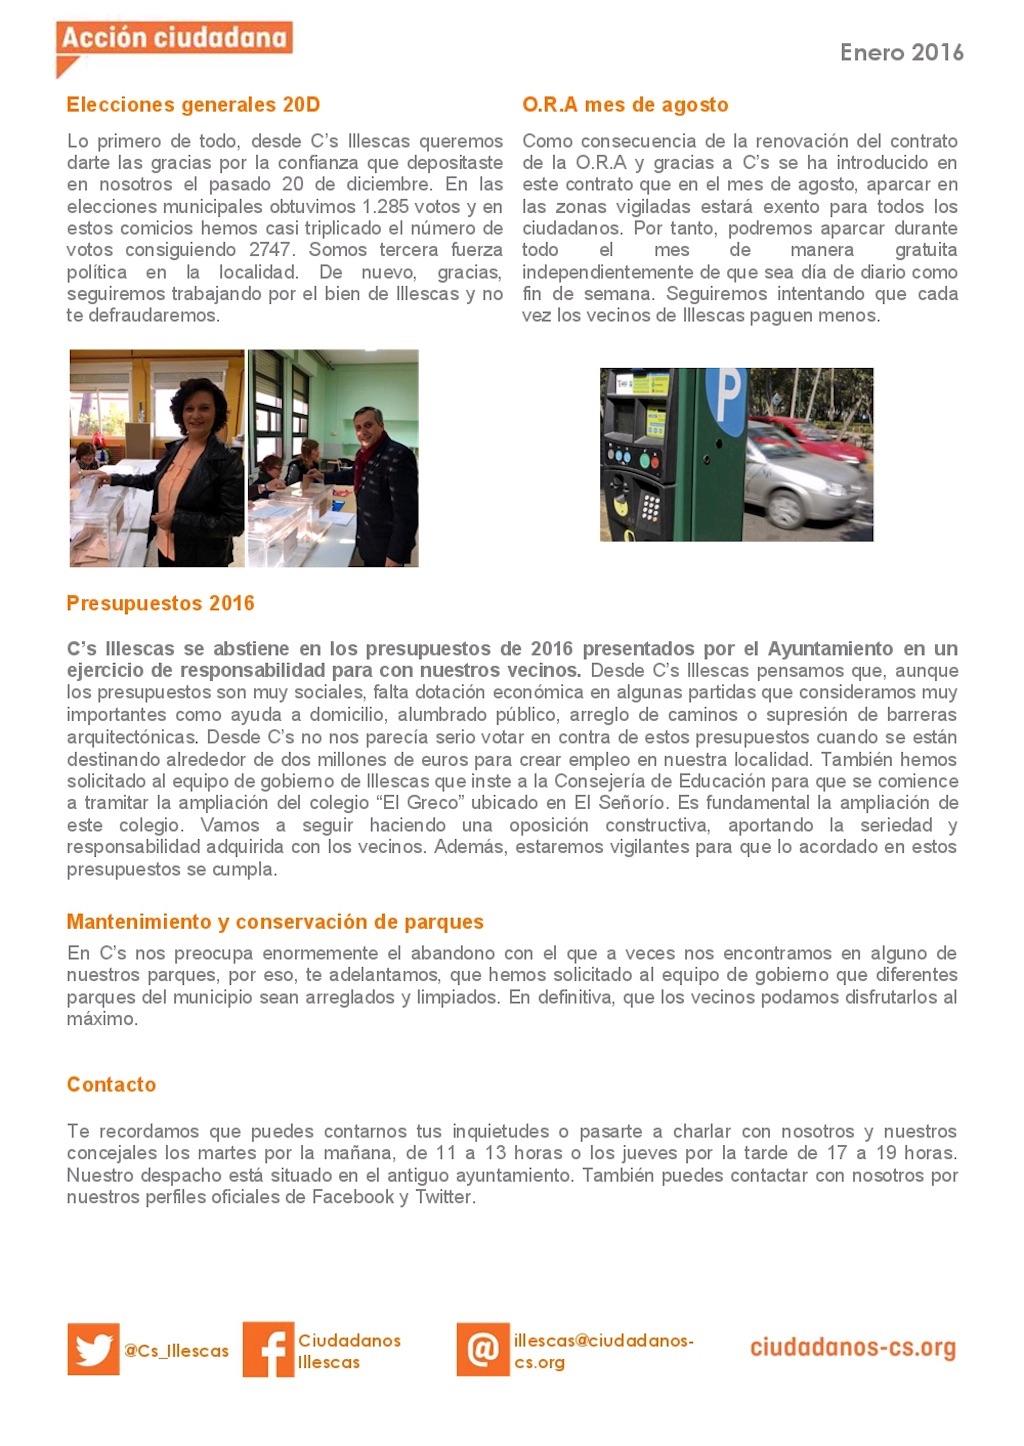 Boletín Informativo Enero 2016 C's Illescas